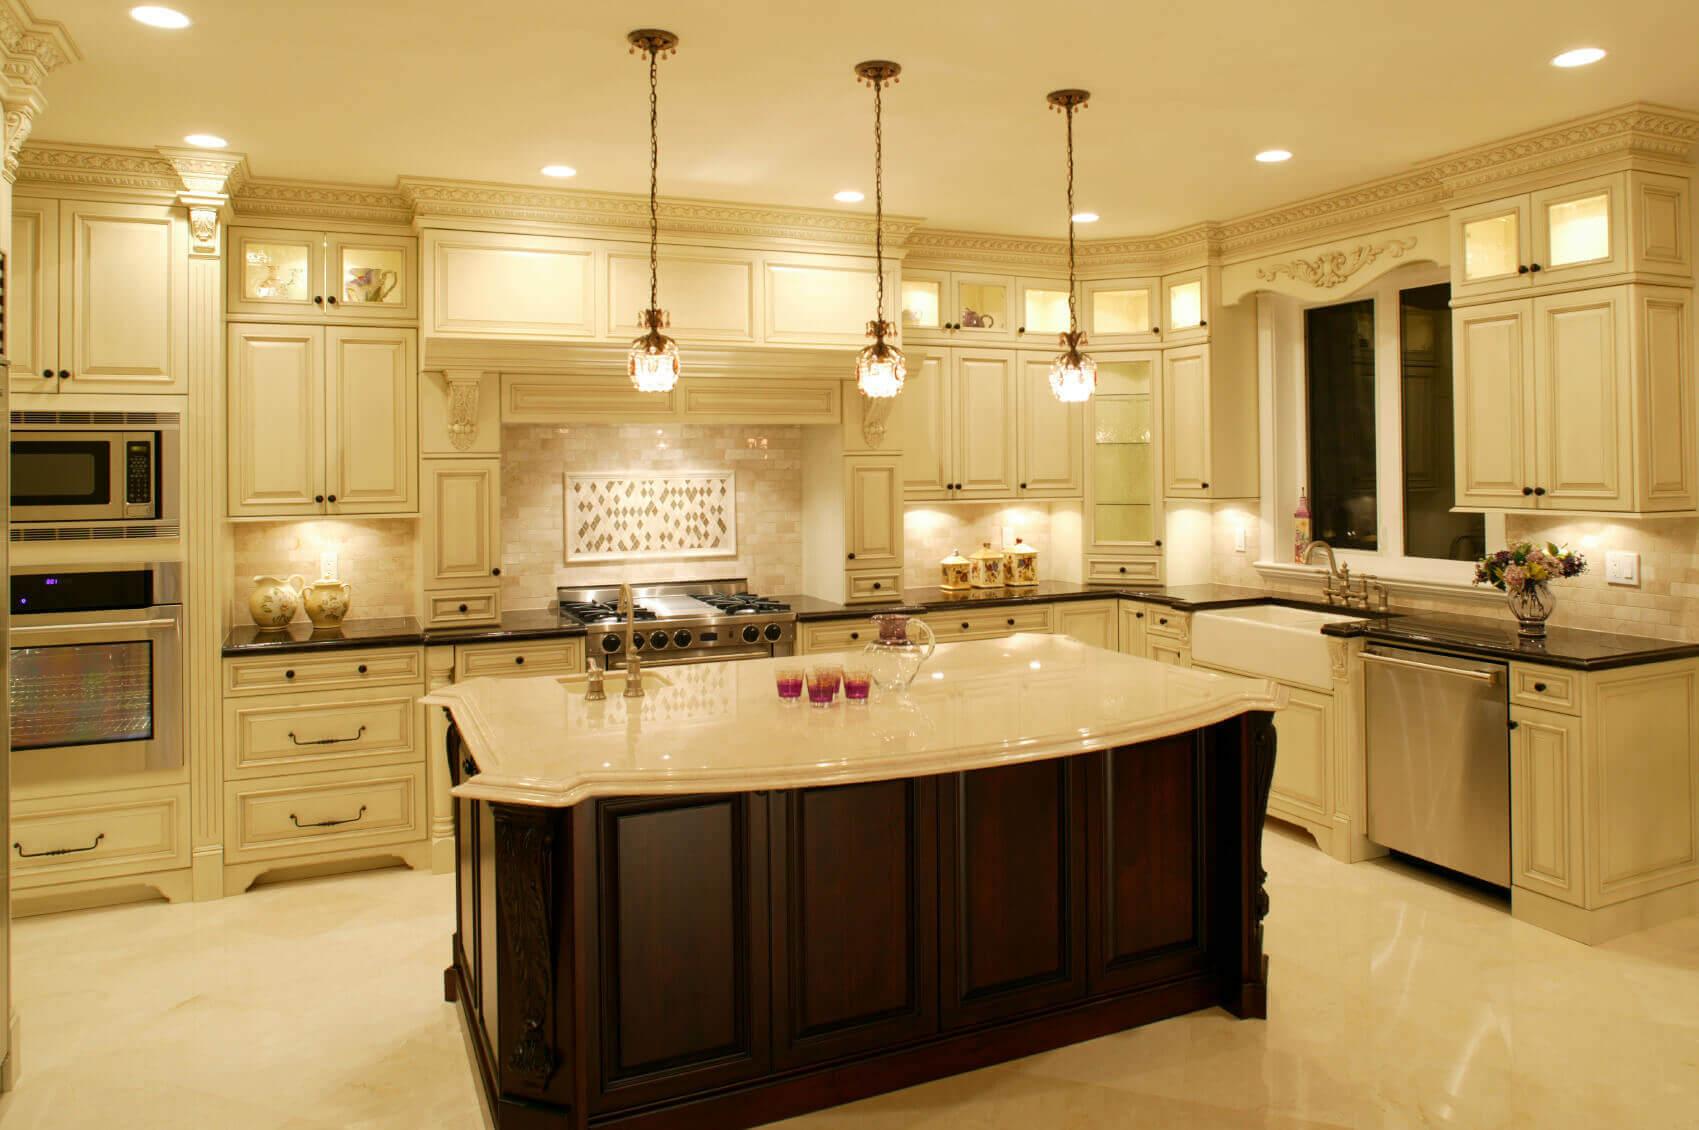 89+ Contemporary Kitchen Design Ideas Gallery   Backsplashes ...